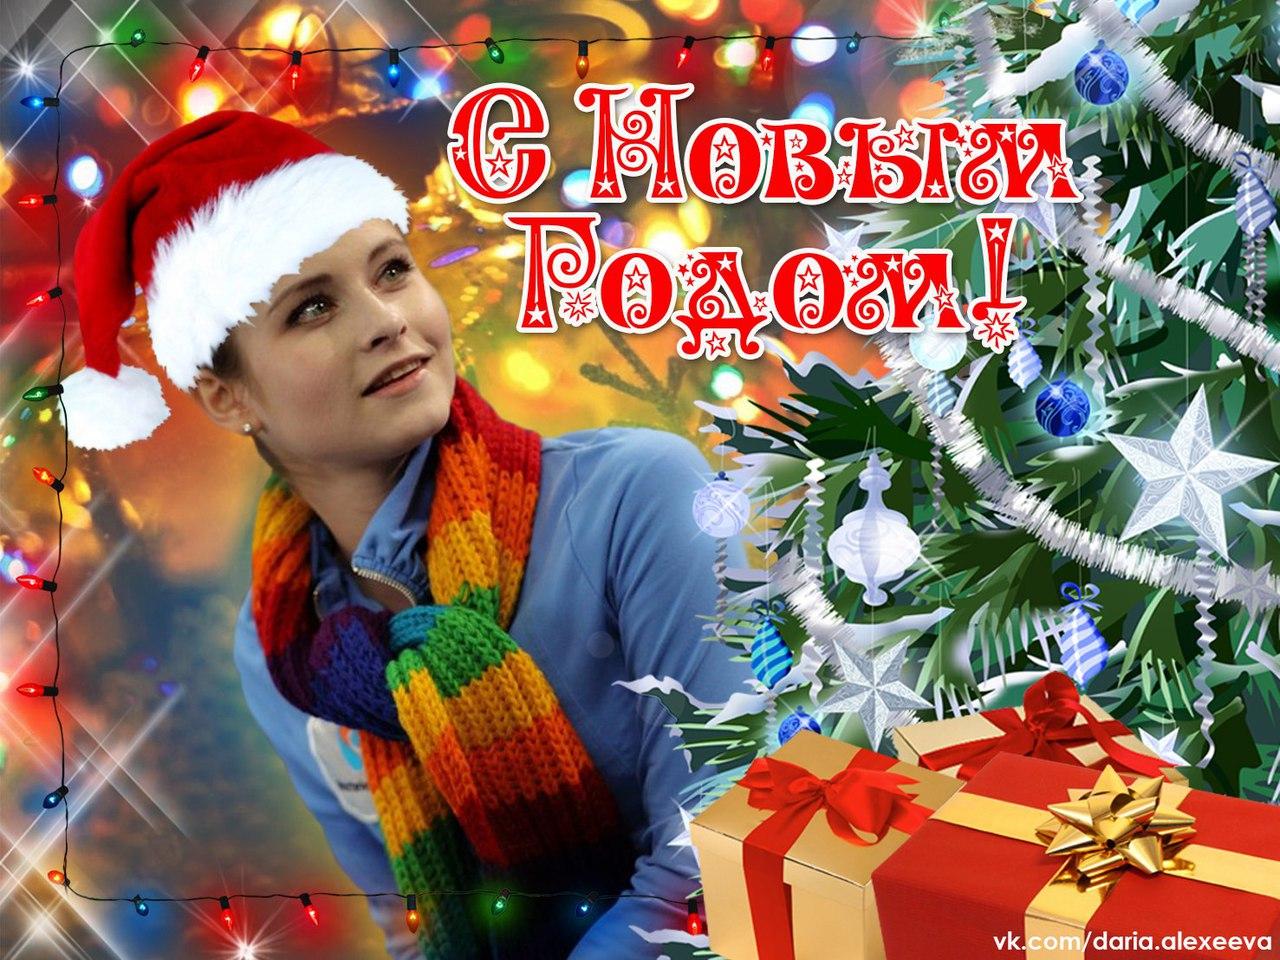 Юлия Липницкая - 5 - Страница 15 Tgieu2AydgM